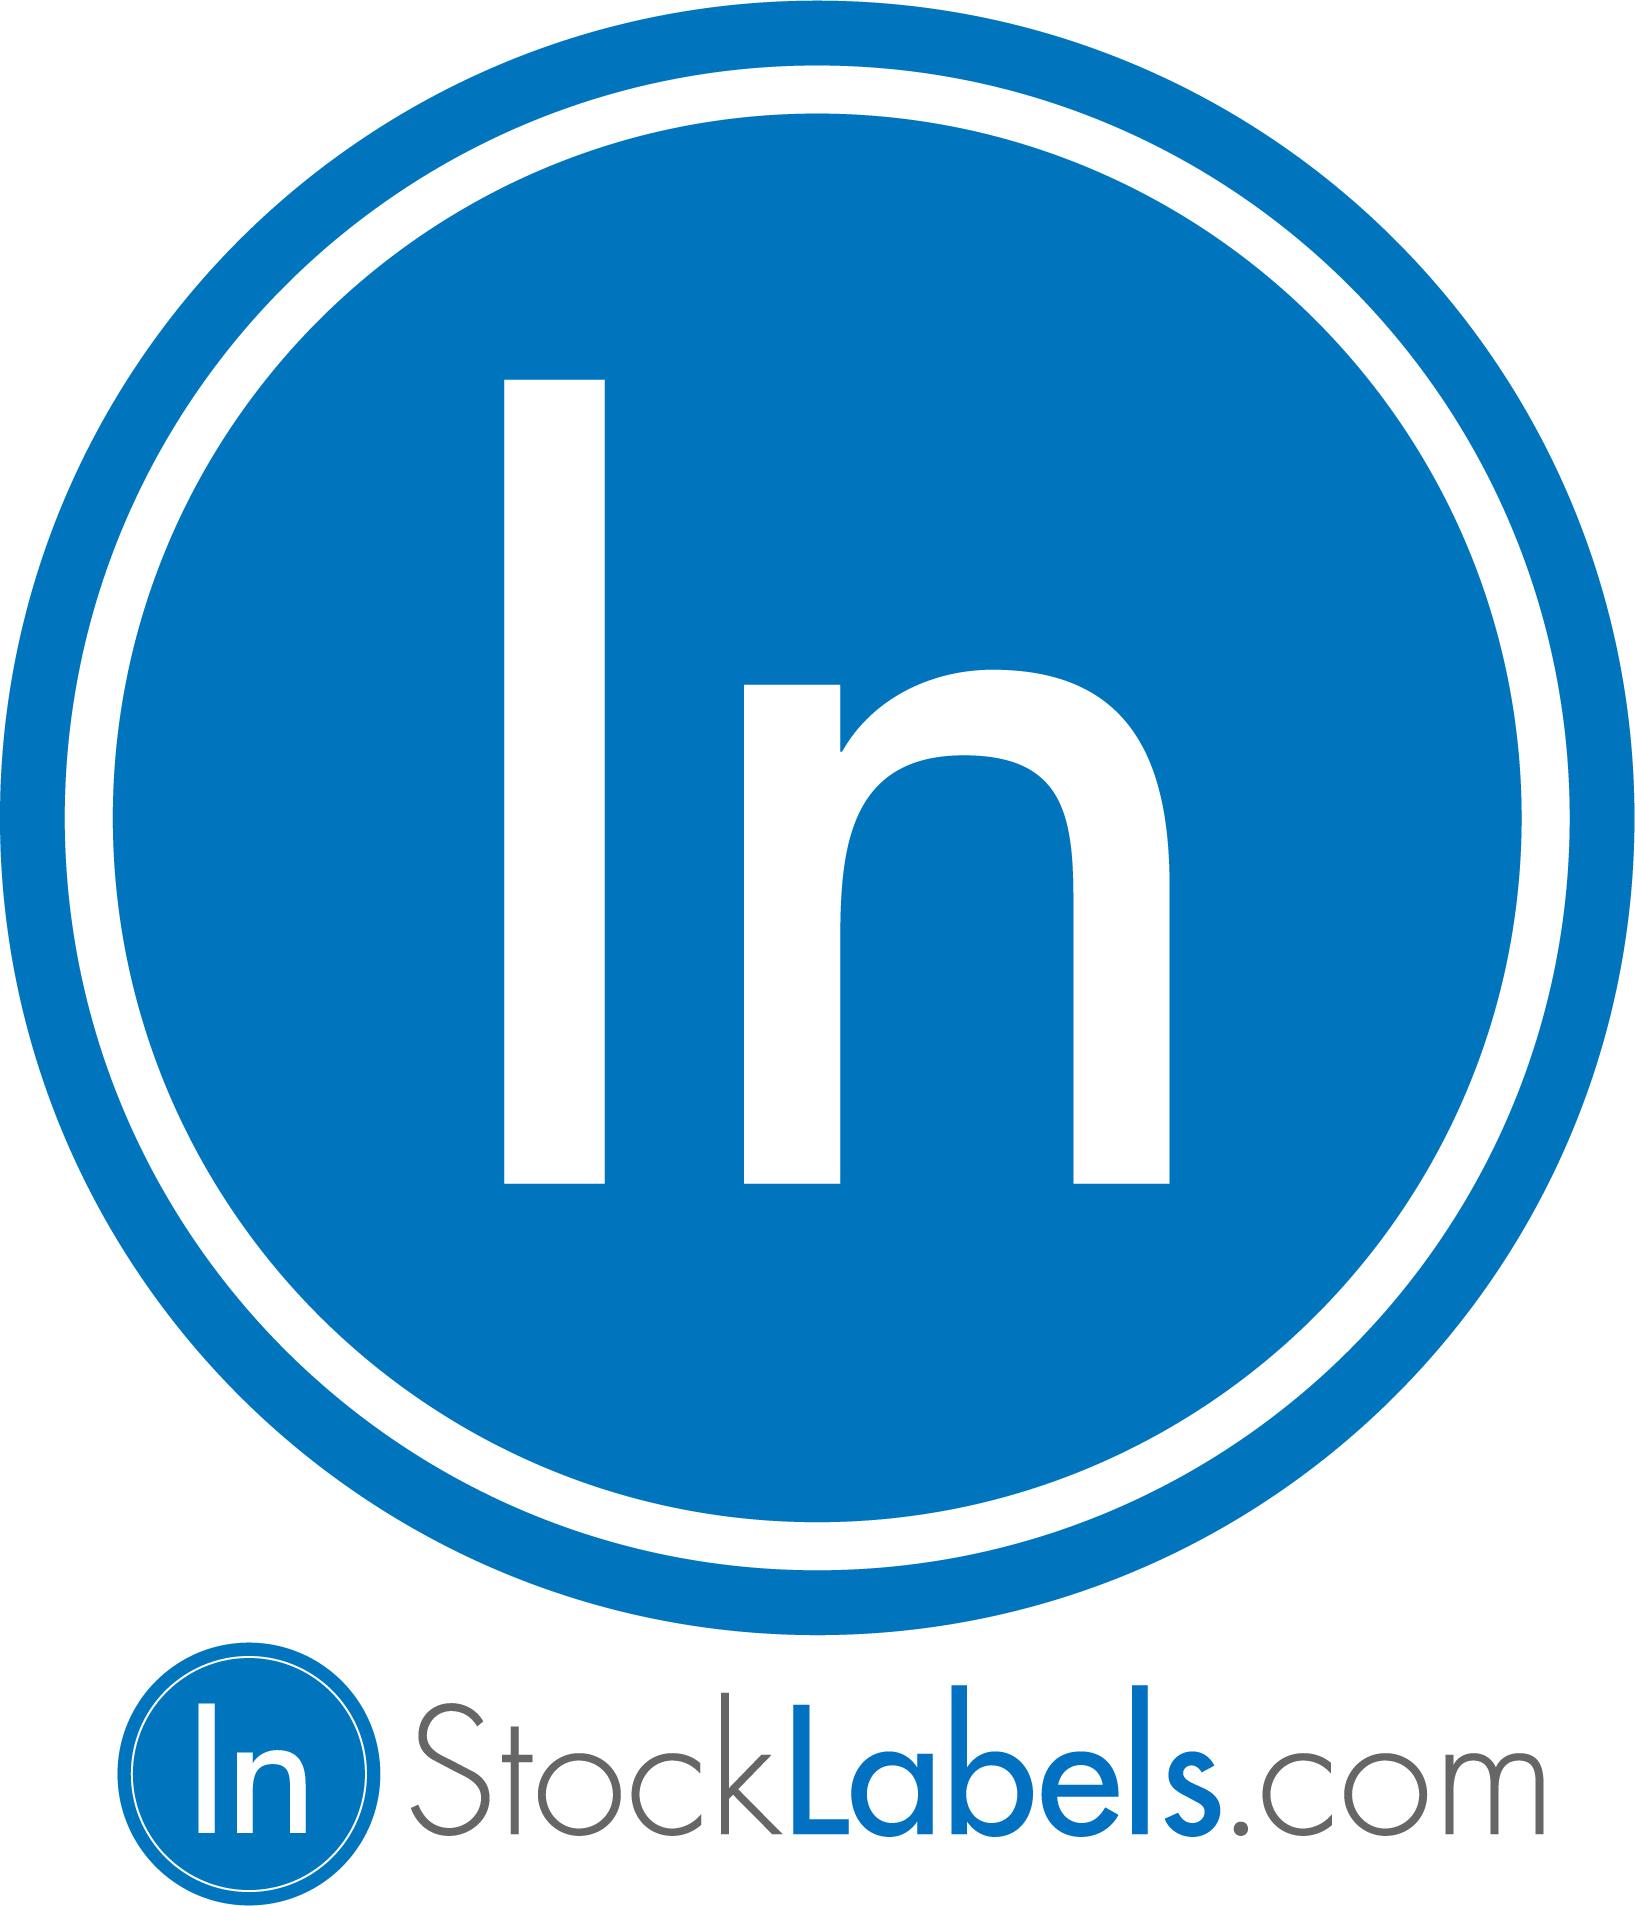 InStockLabels Logo